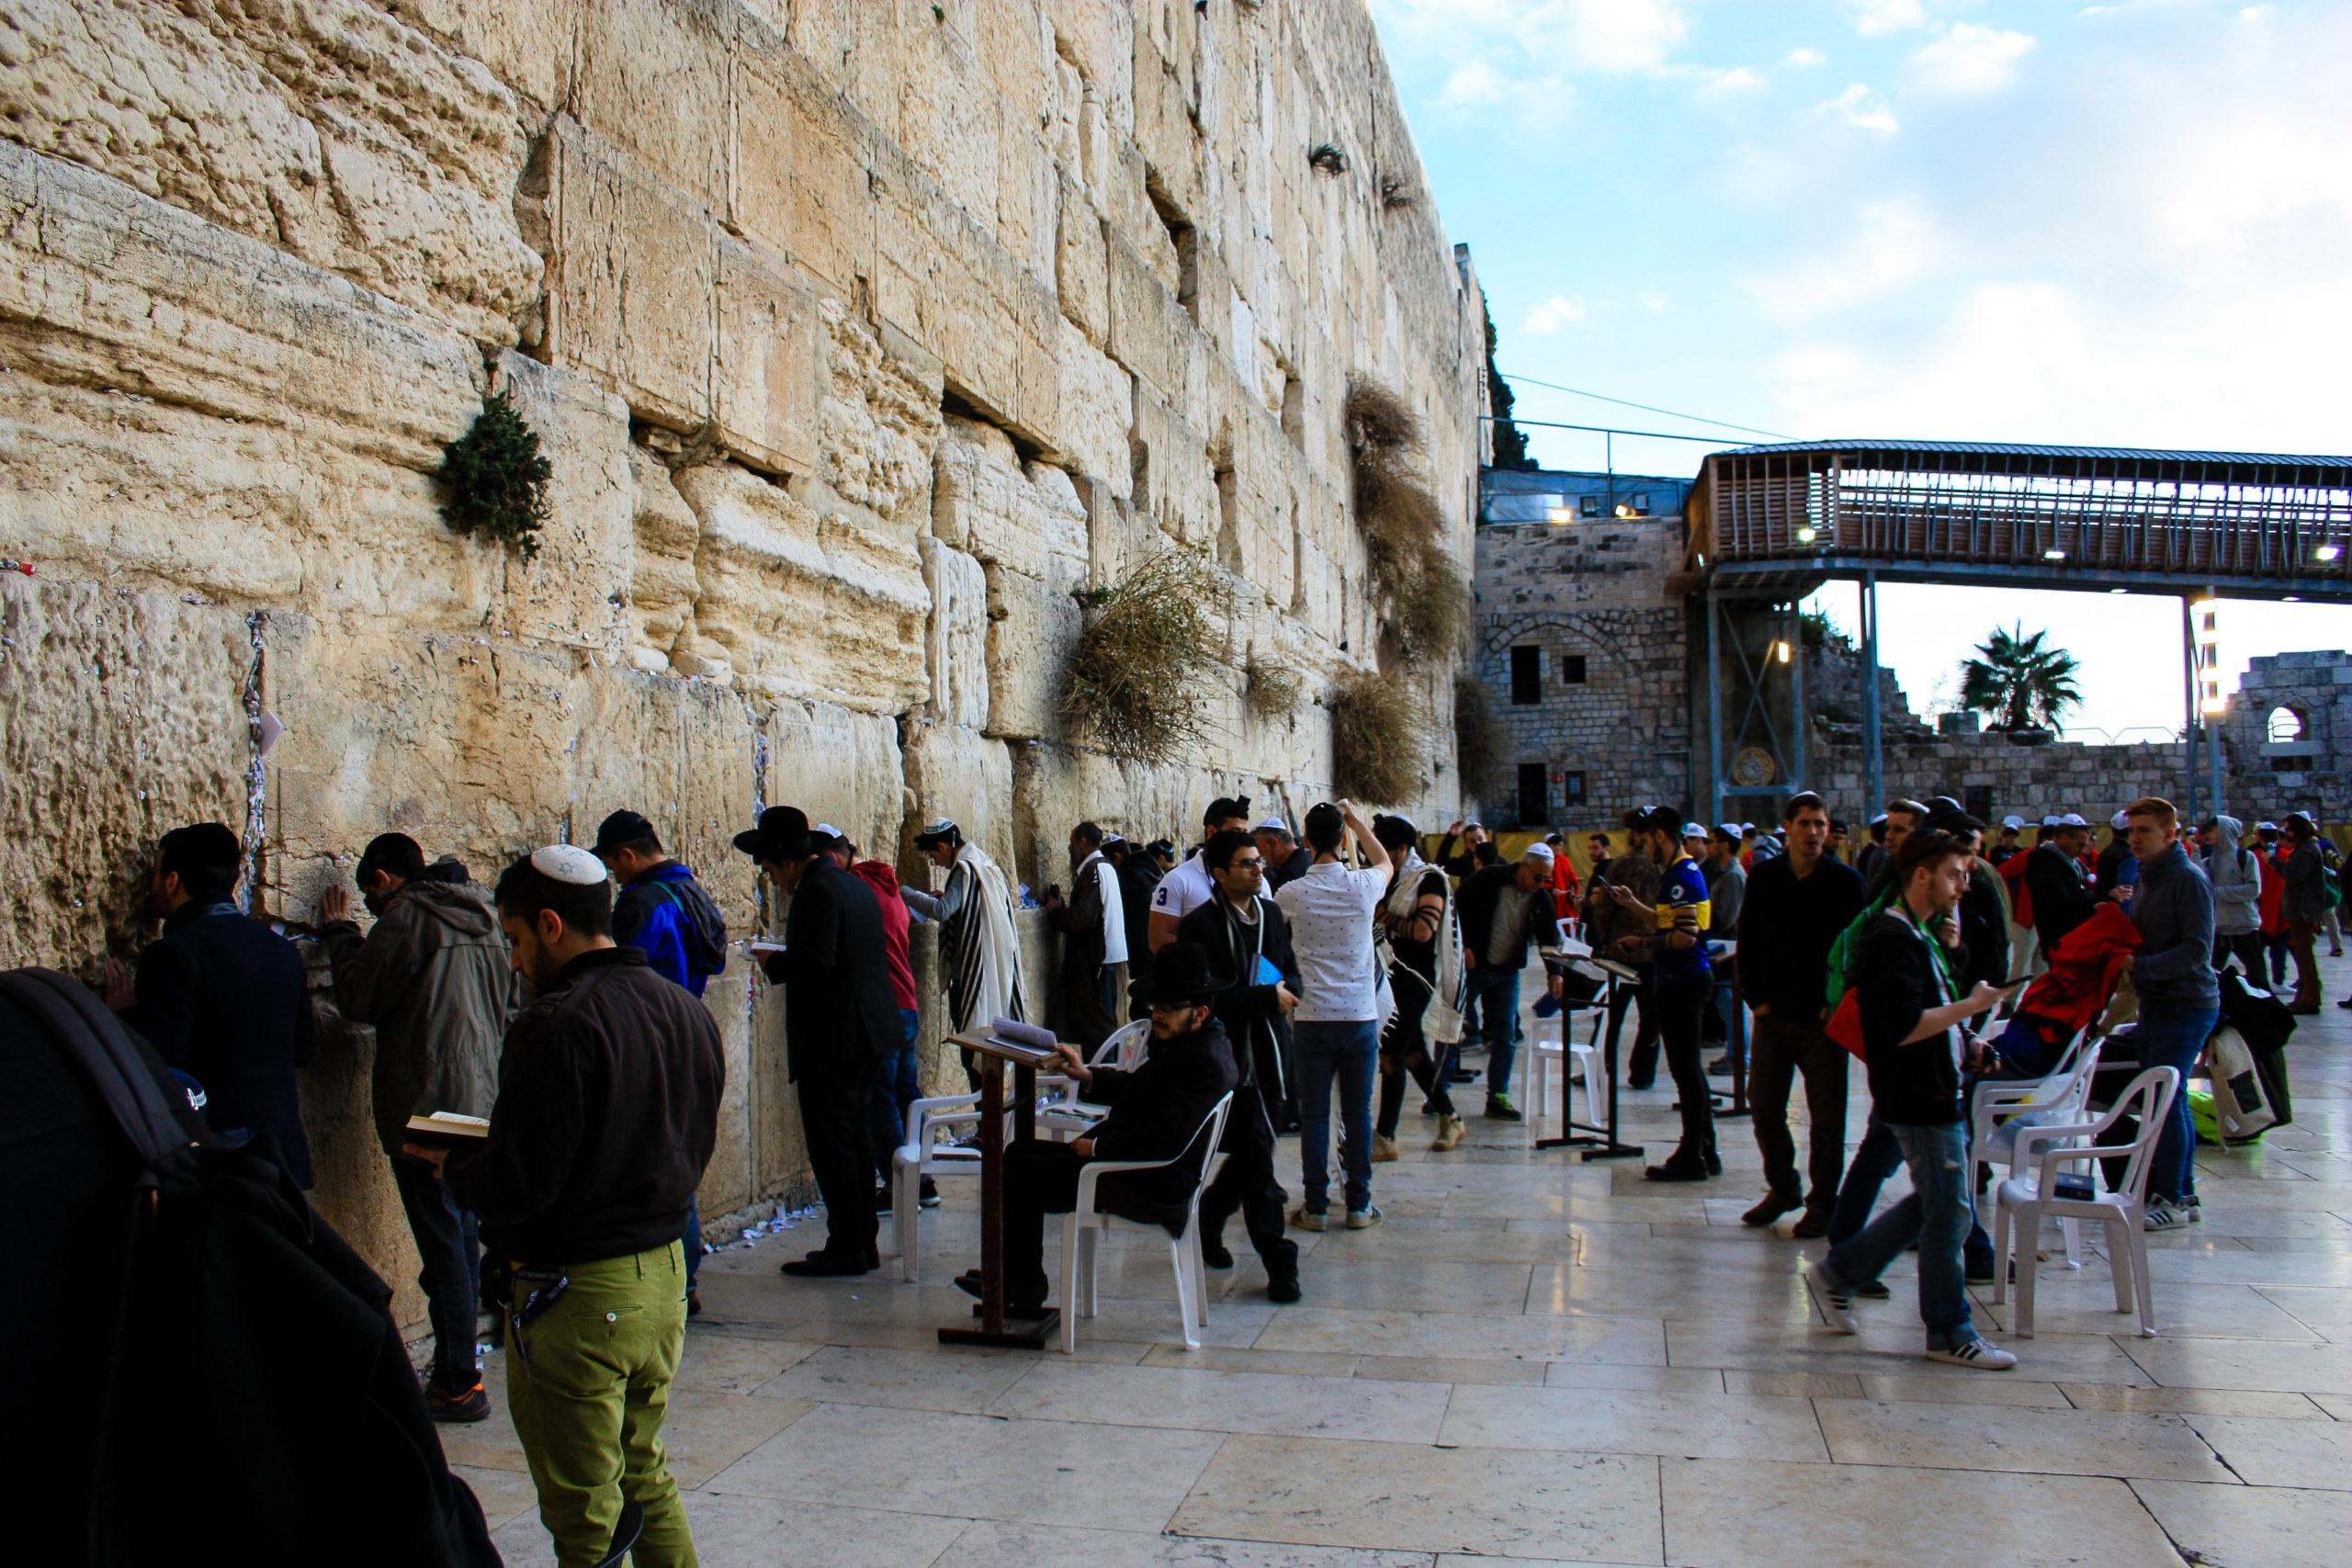 Rire de la Bible, le pari osé d'une série israélienne